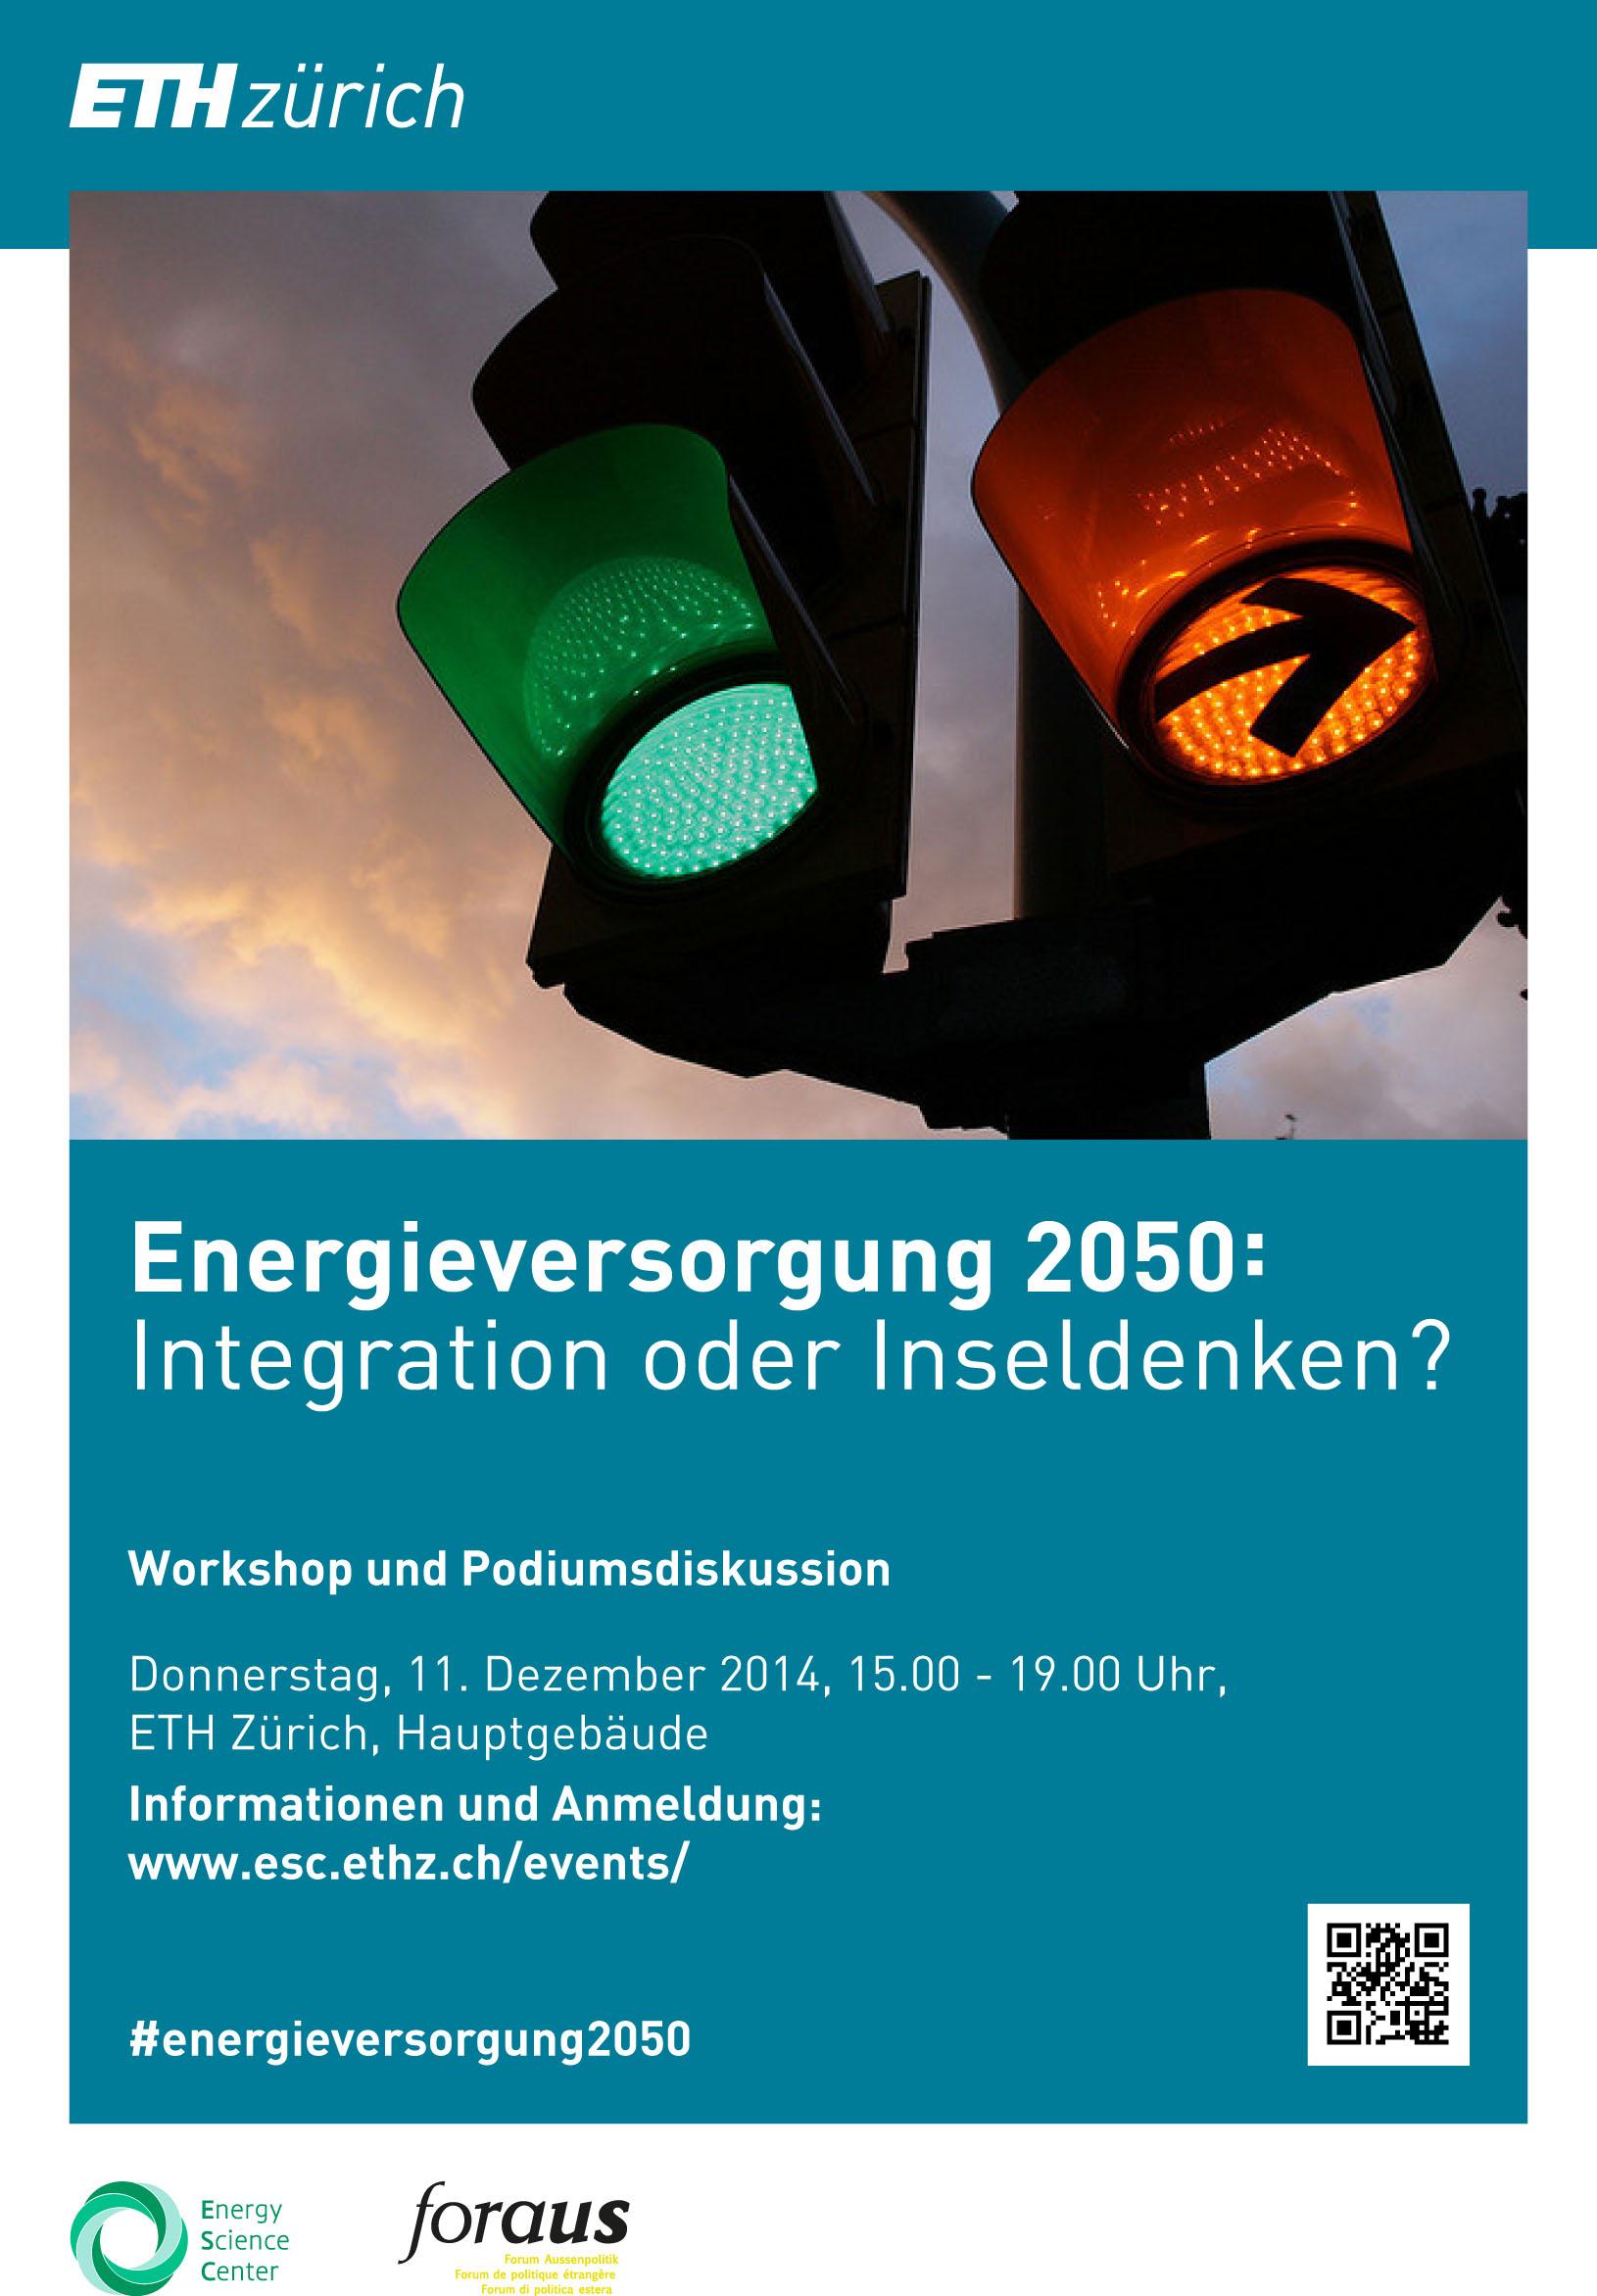 Energieversorgung 2050 - Veranstatlung ESC